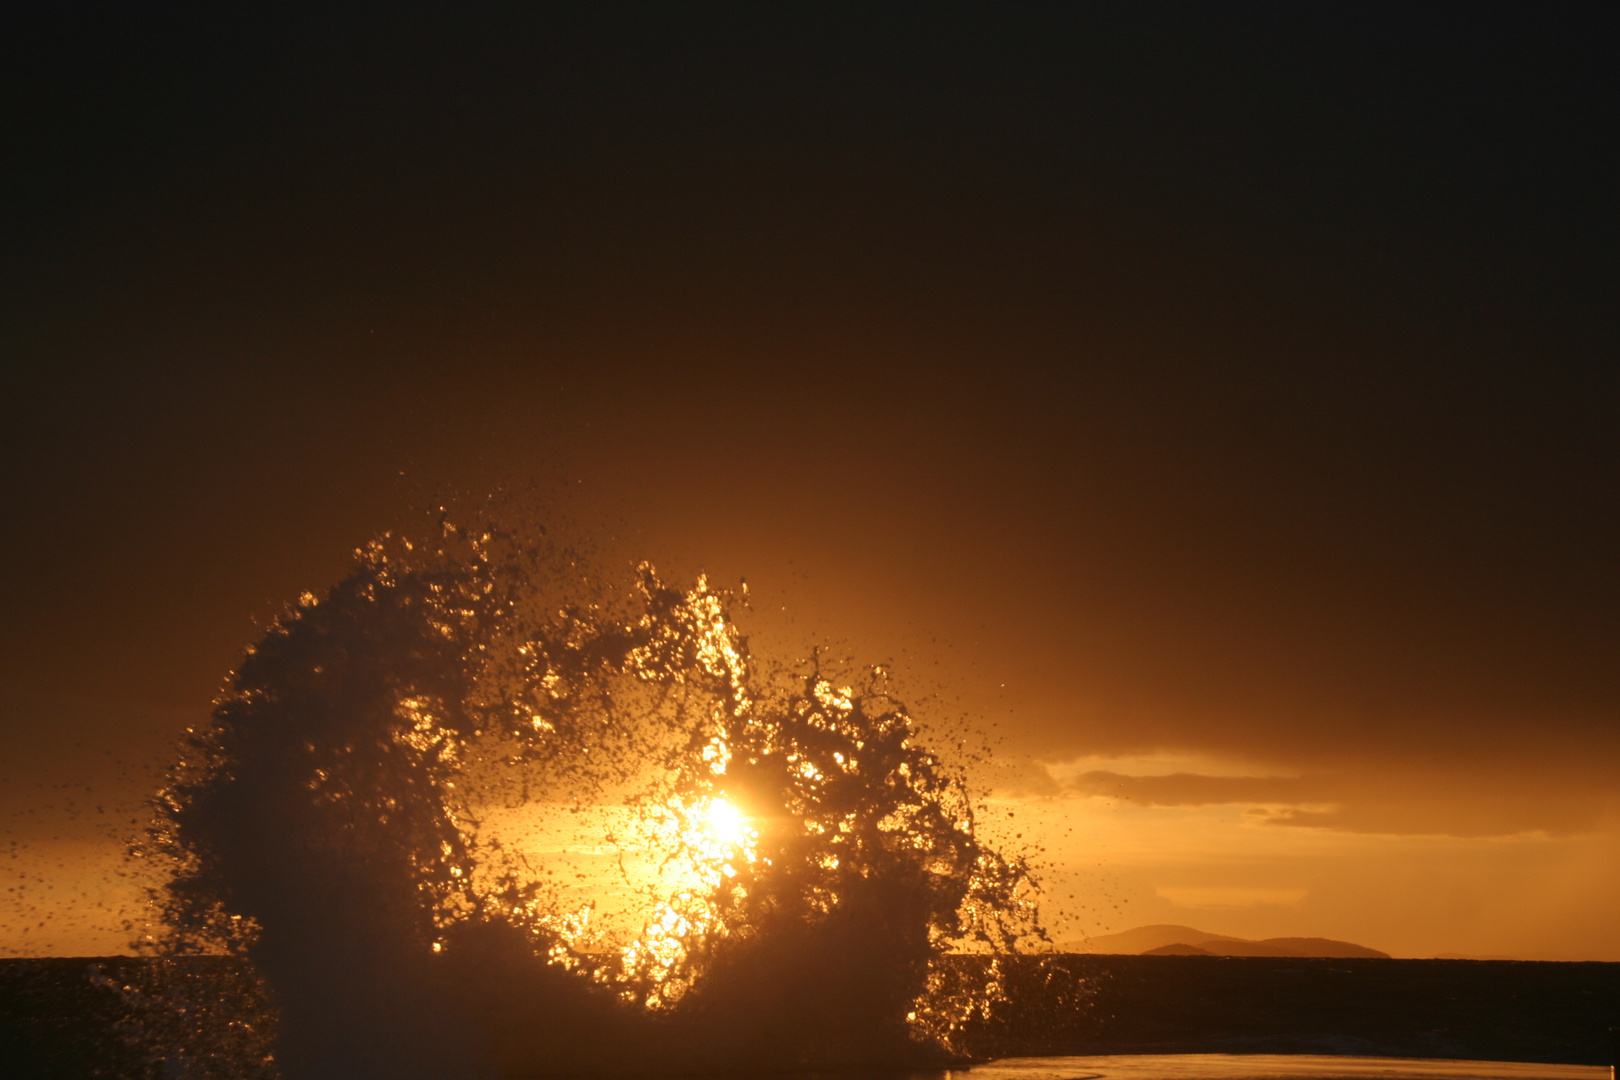 Wellen nach einem Sturm im Sonnenuntergang, Kroatien